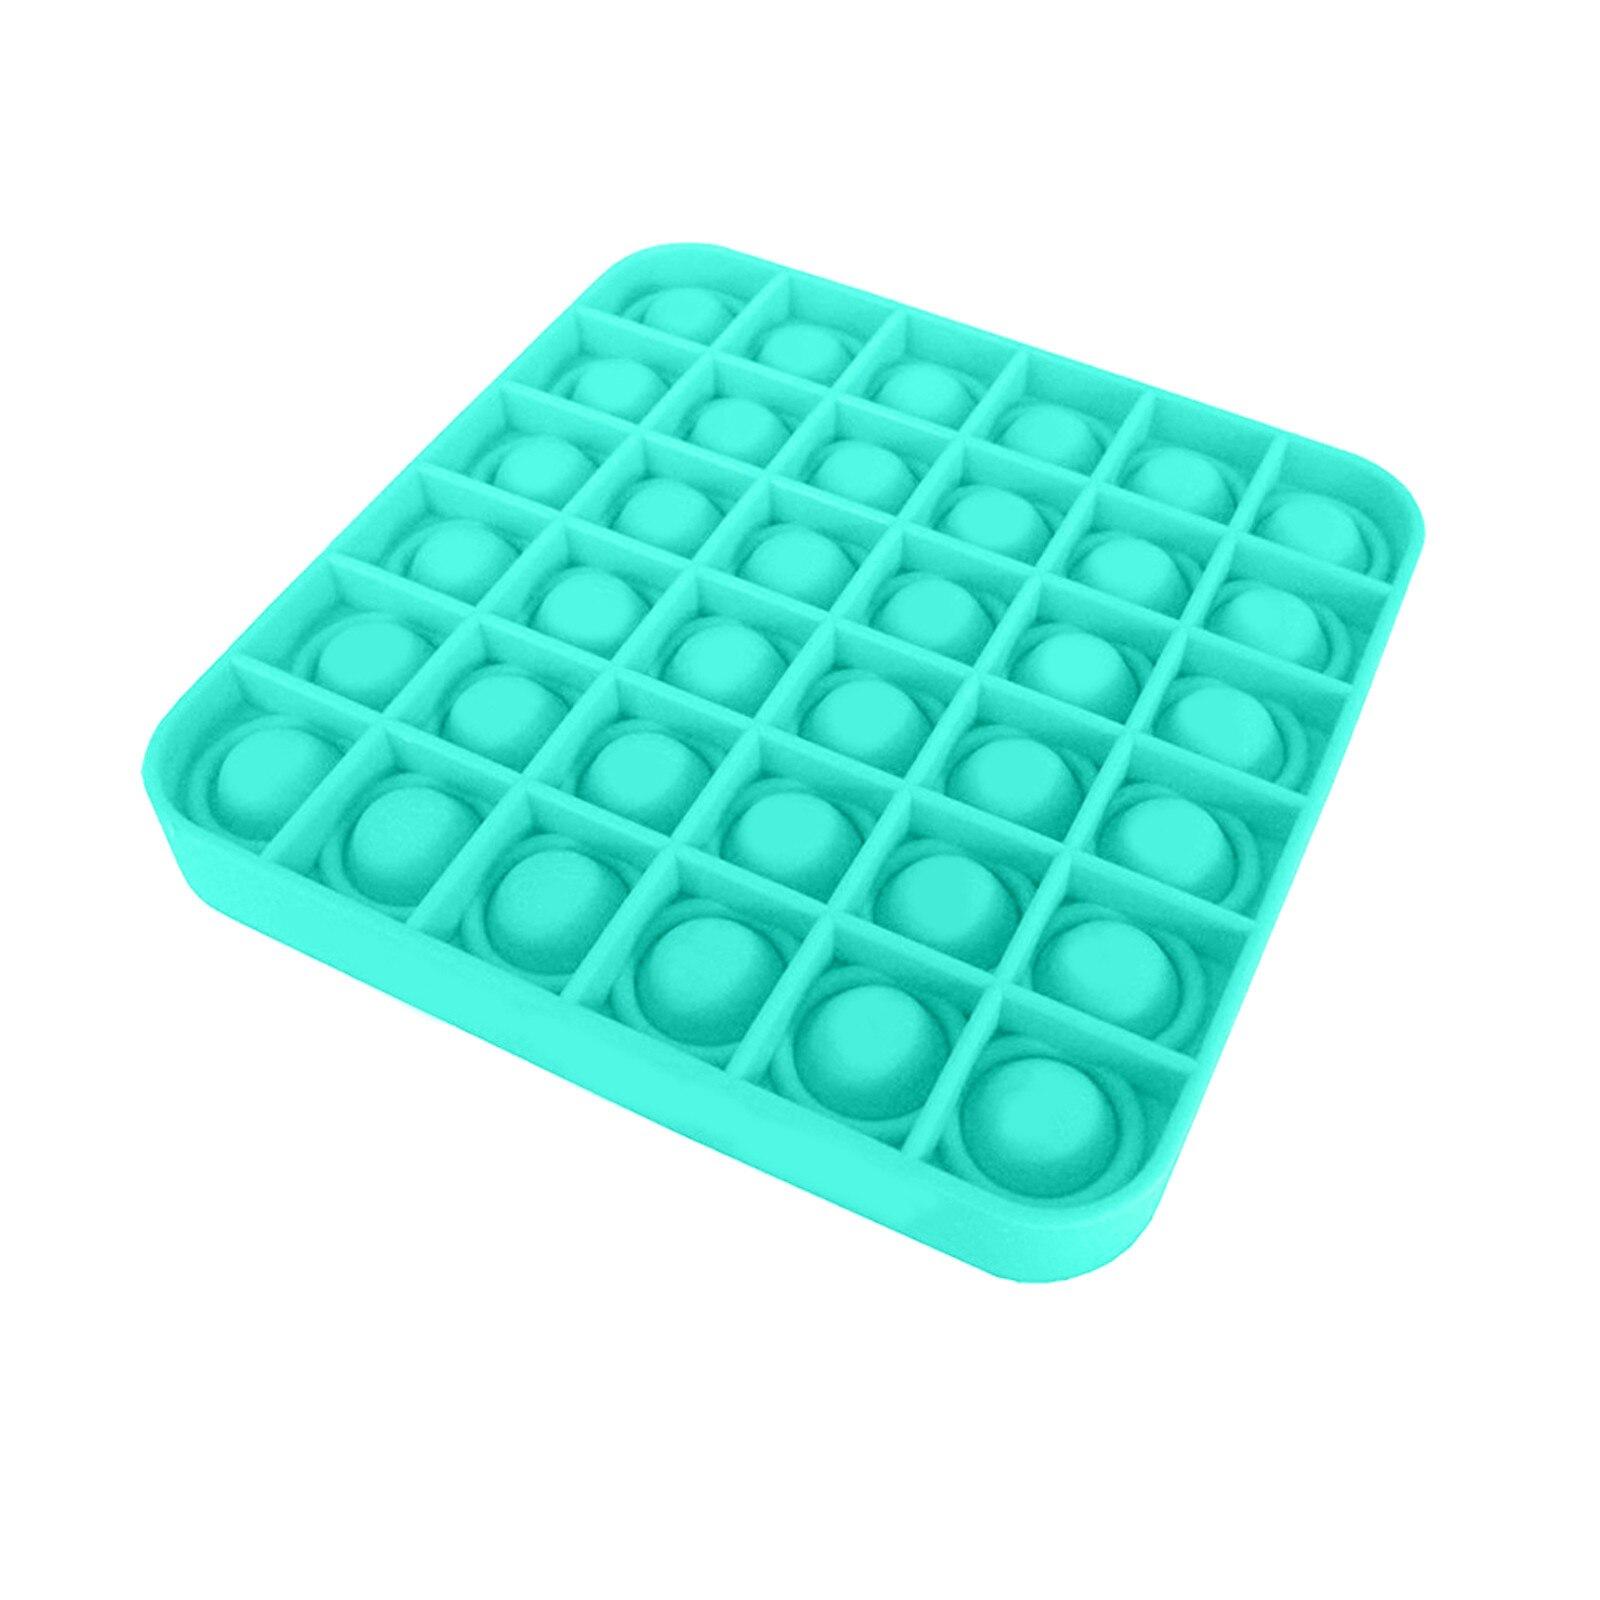 Popit игрушечный кубик для пуш-ап пузырь Непоседа сенсорные игрушка для аутистов особые потребности для снятия стресса и Увеличить Фокус мягк...